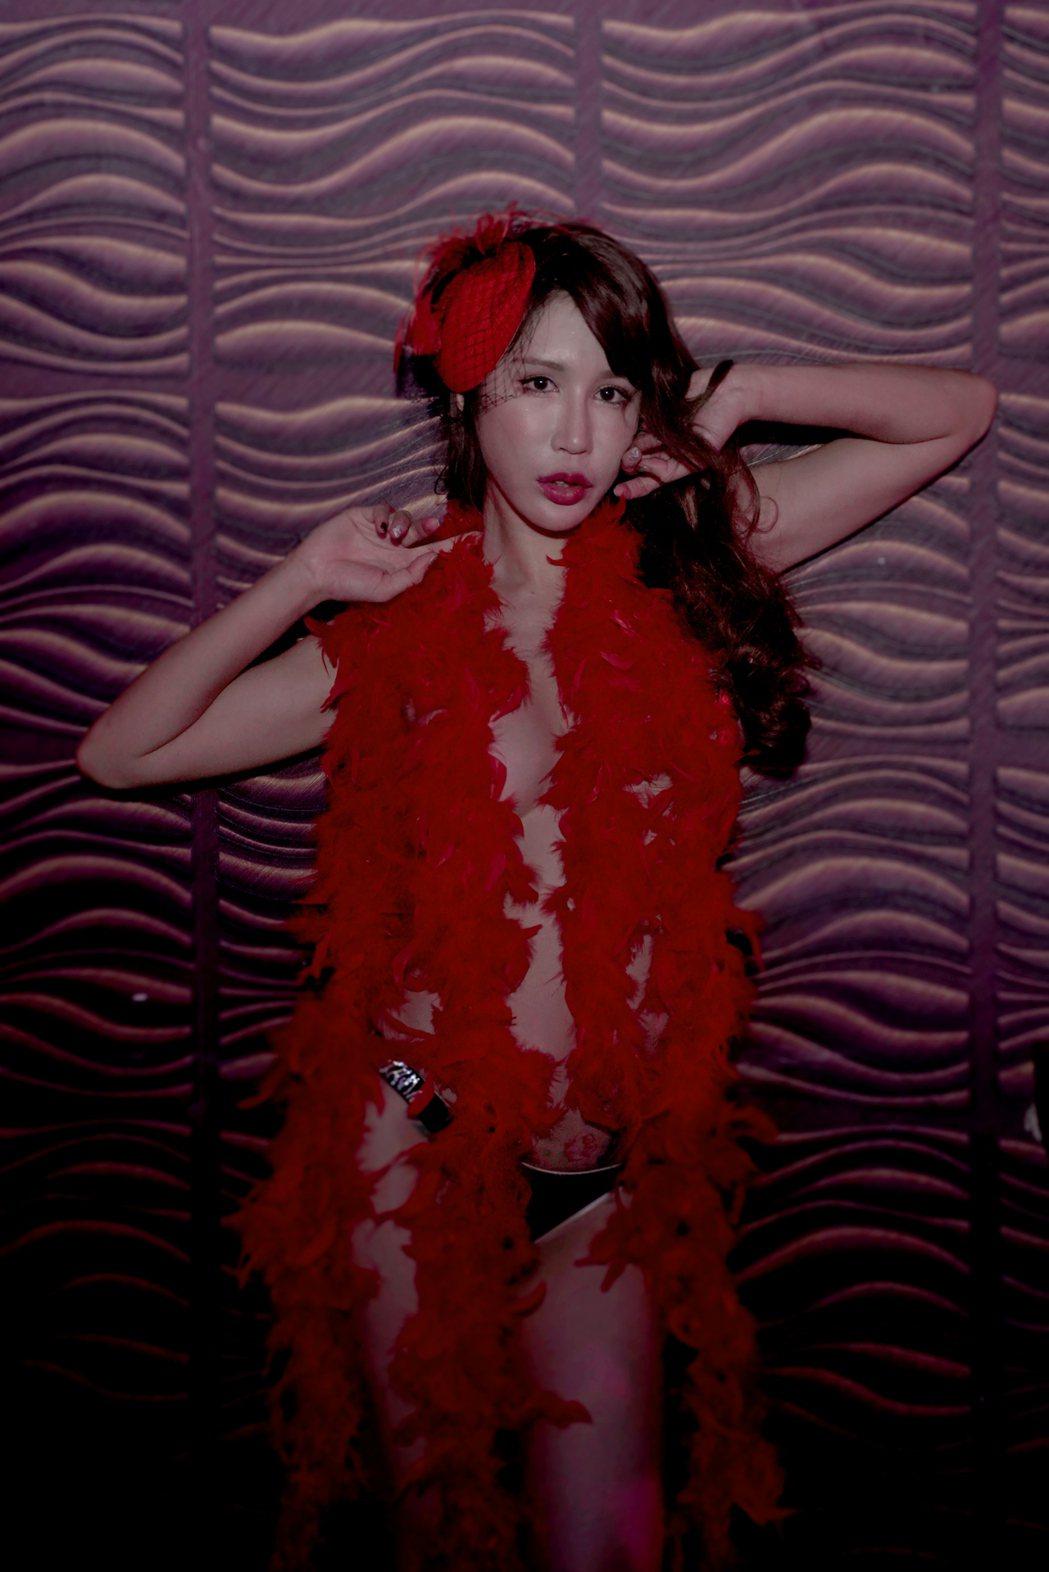 黃明志MV邀來IG粉絲破百萬的網美辛尤里演出女主角,大秀F奶好身材。圖/亞洲通文...